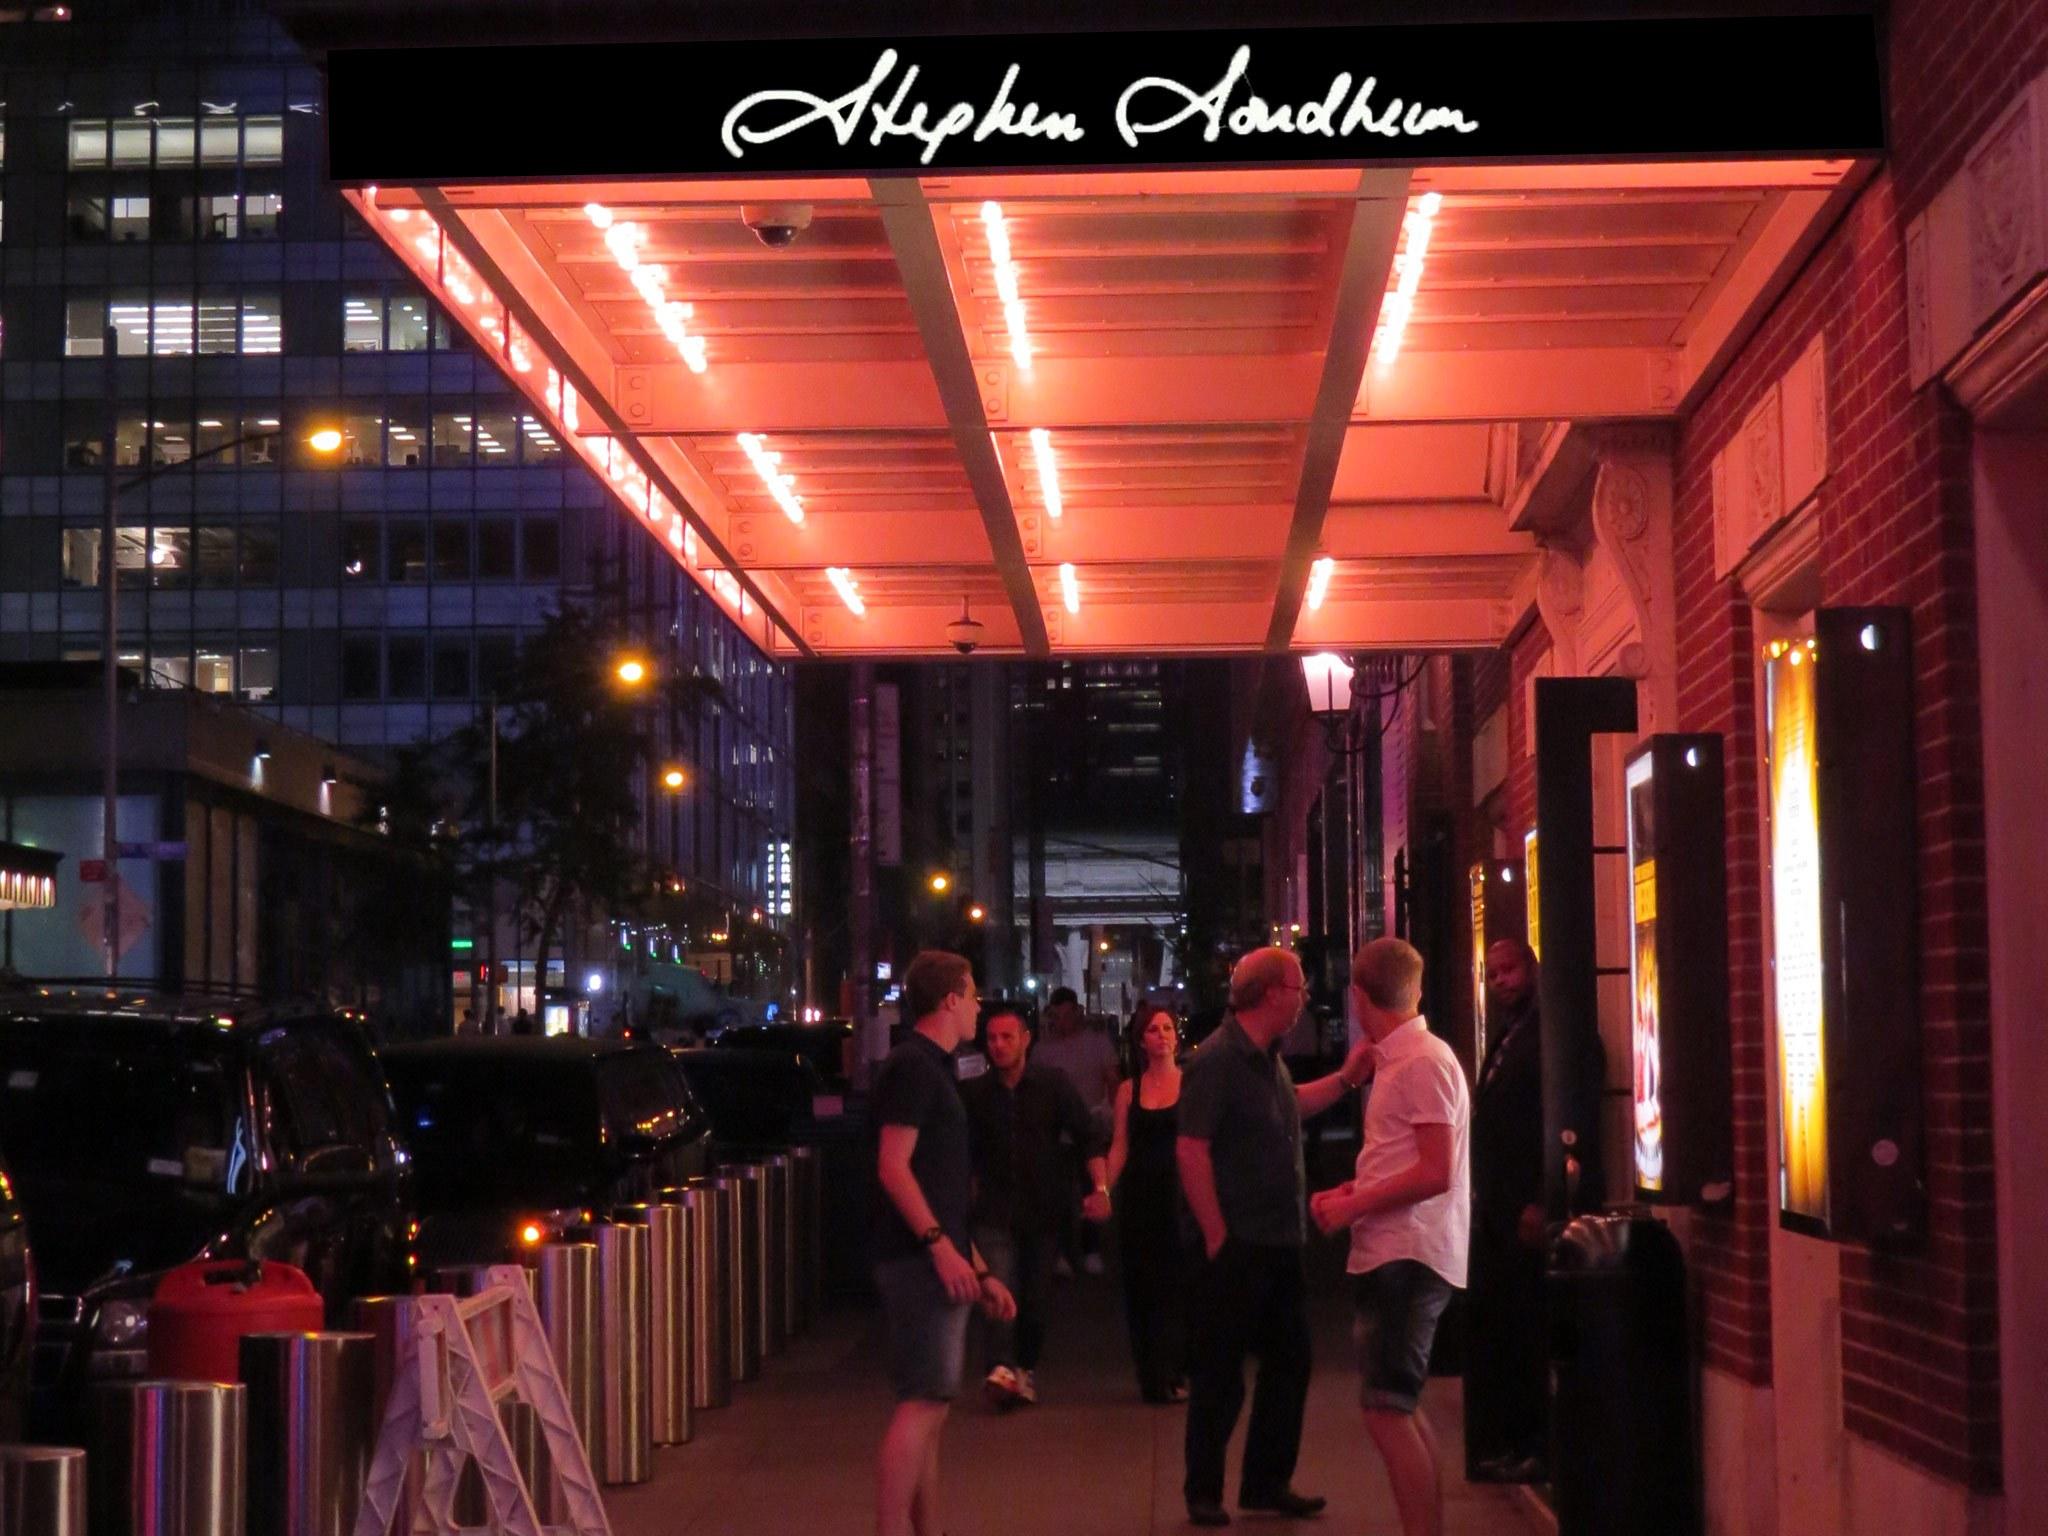 Stephen Sondheim Theatre On Broadway In Nyc